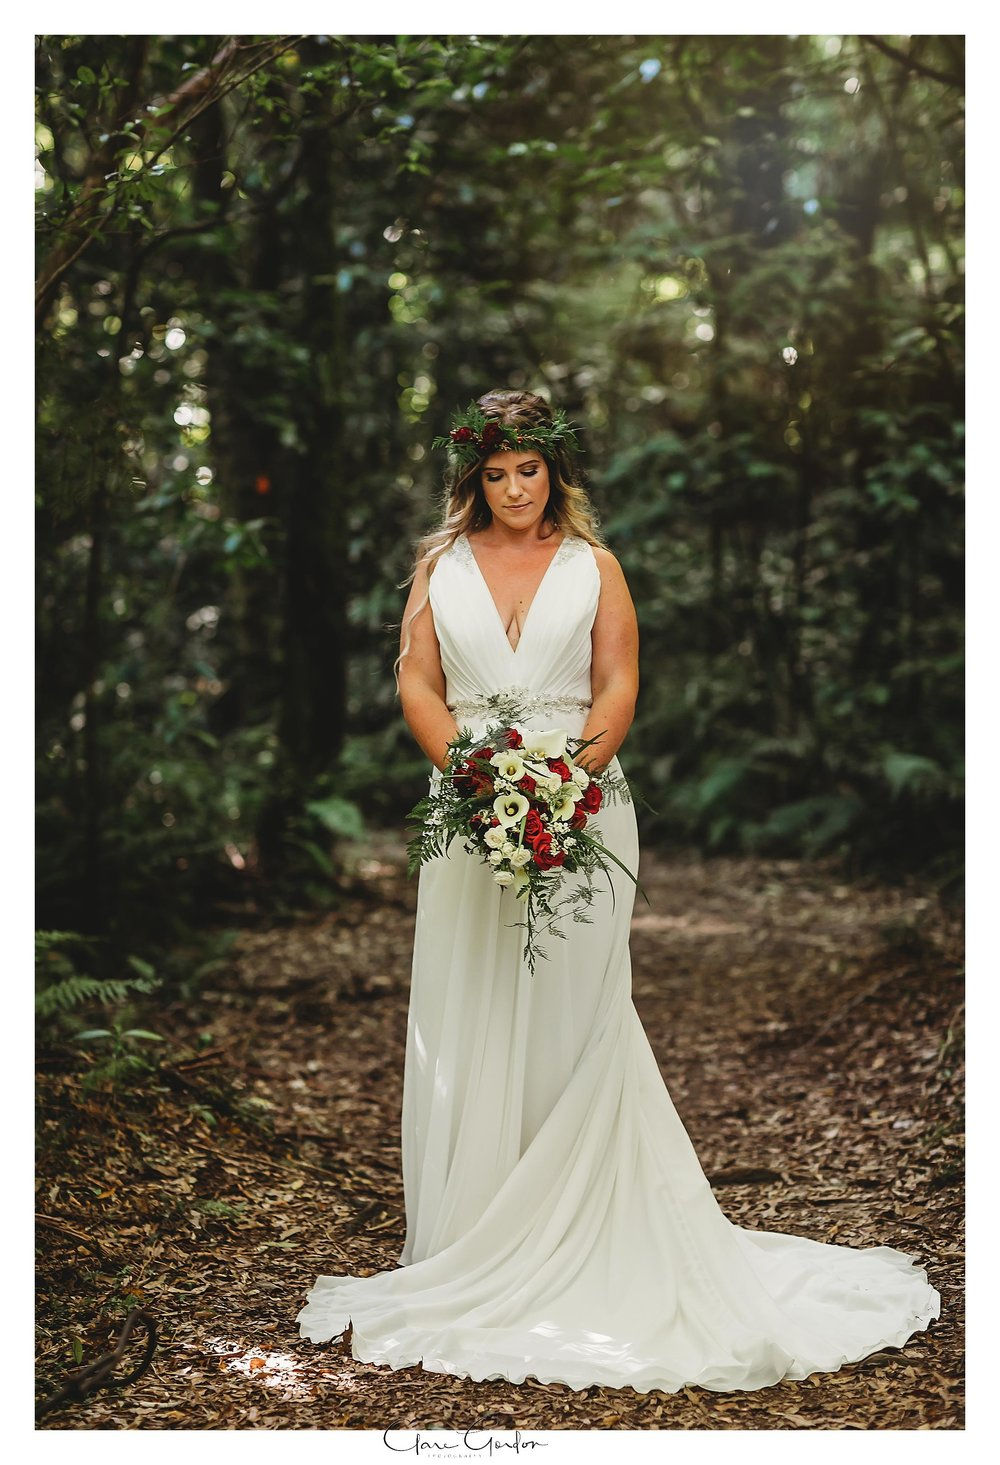 Tauranga-wedding-Photographer-Bride-portrait-in-NZ-Forest.jpg